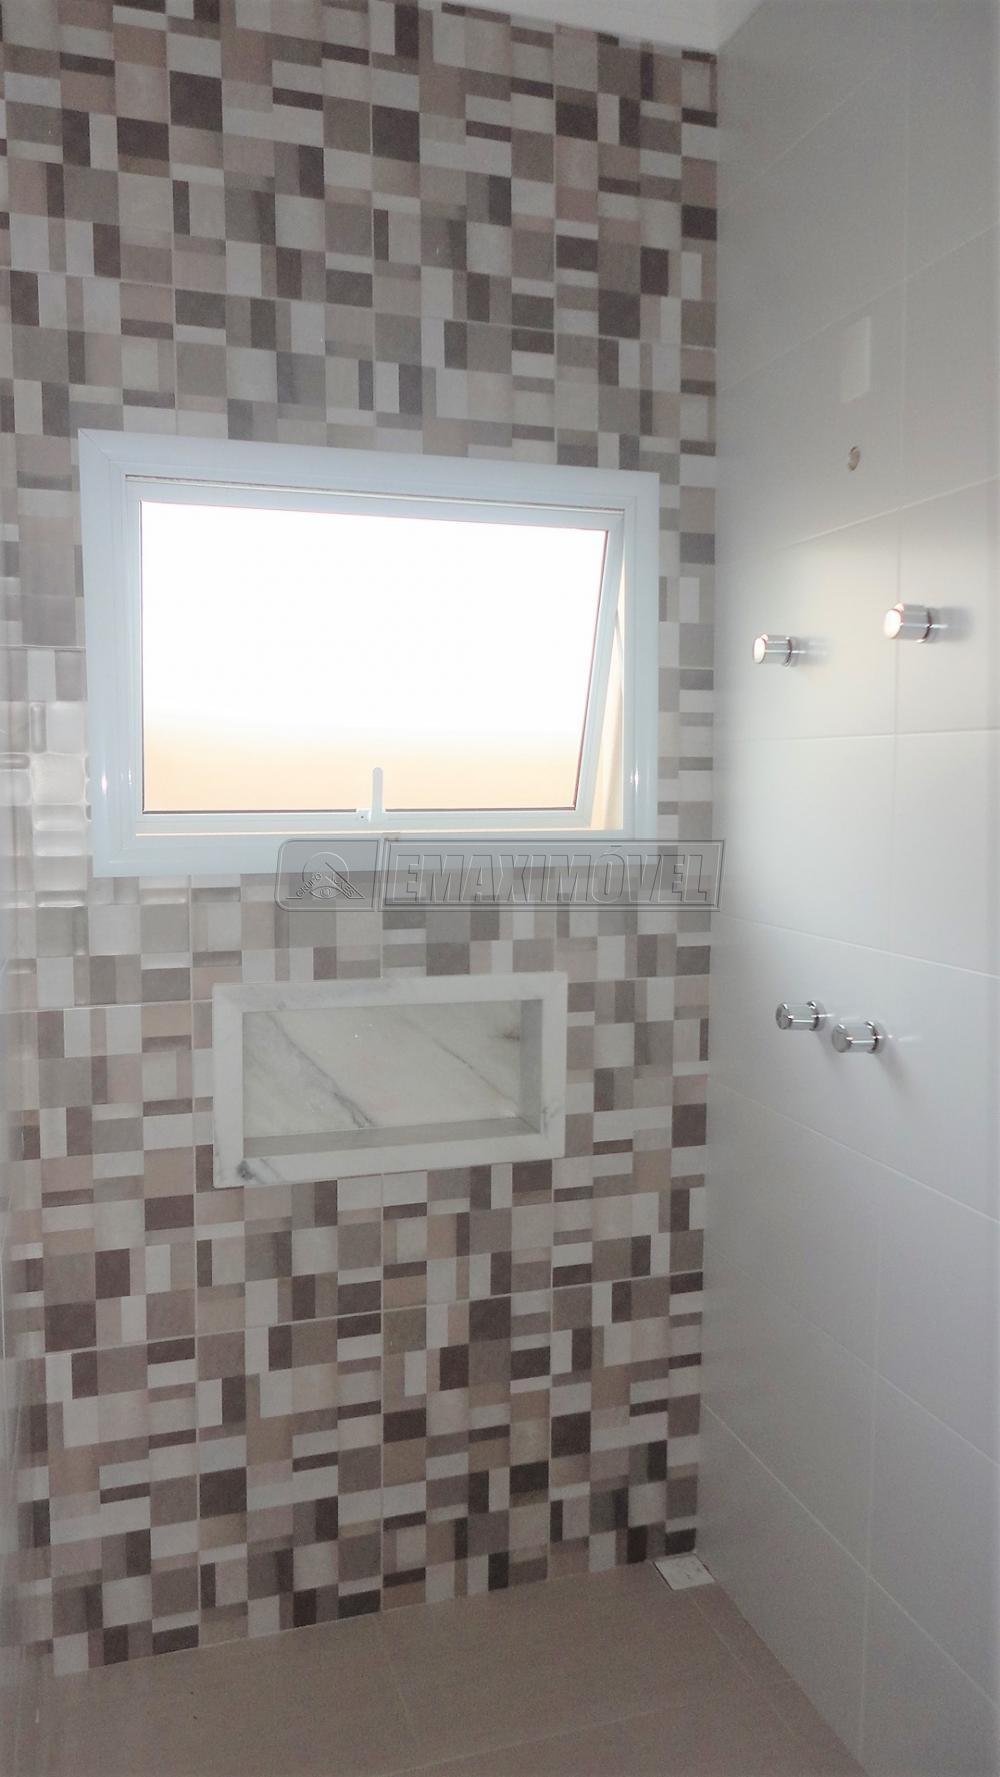 Comprar Casas / em Condomínios em Sorocaba apenas R$ 820.000,00 - Foto 11